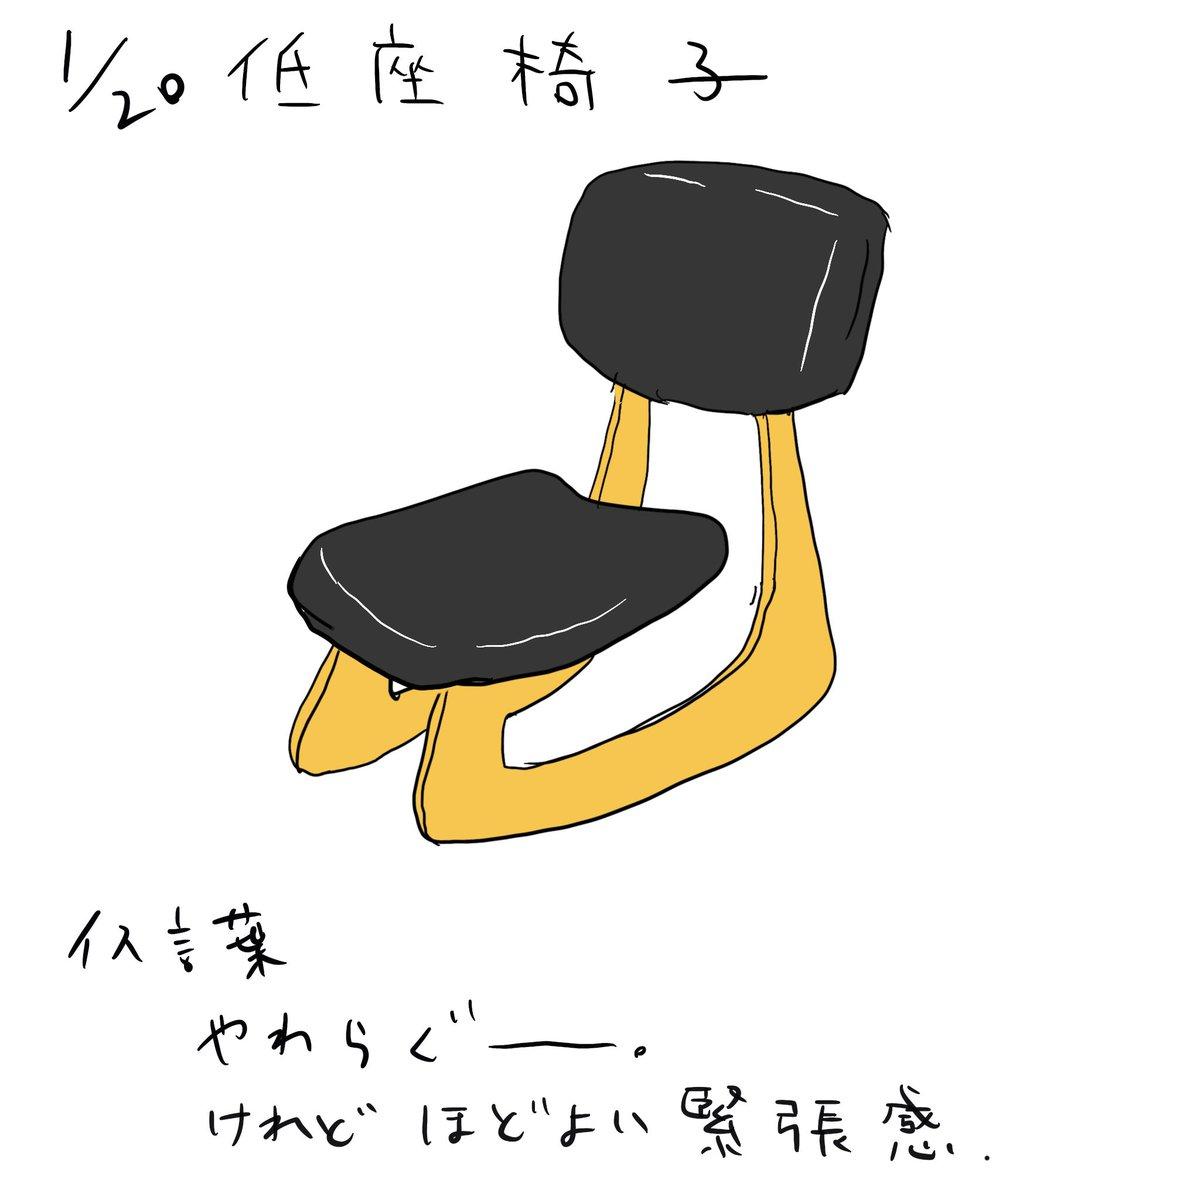 た 椅 くれ 腰 座 の 子 神様 が